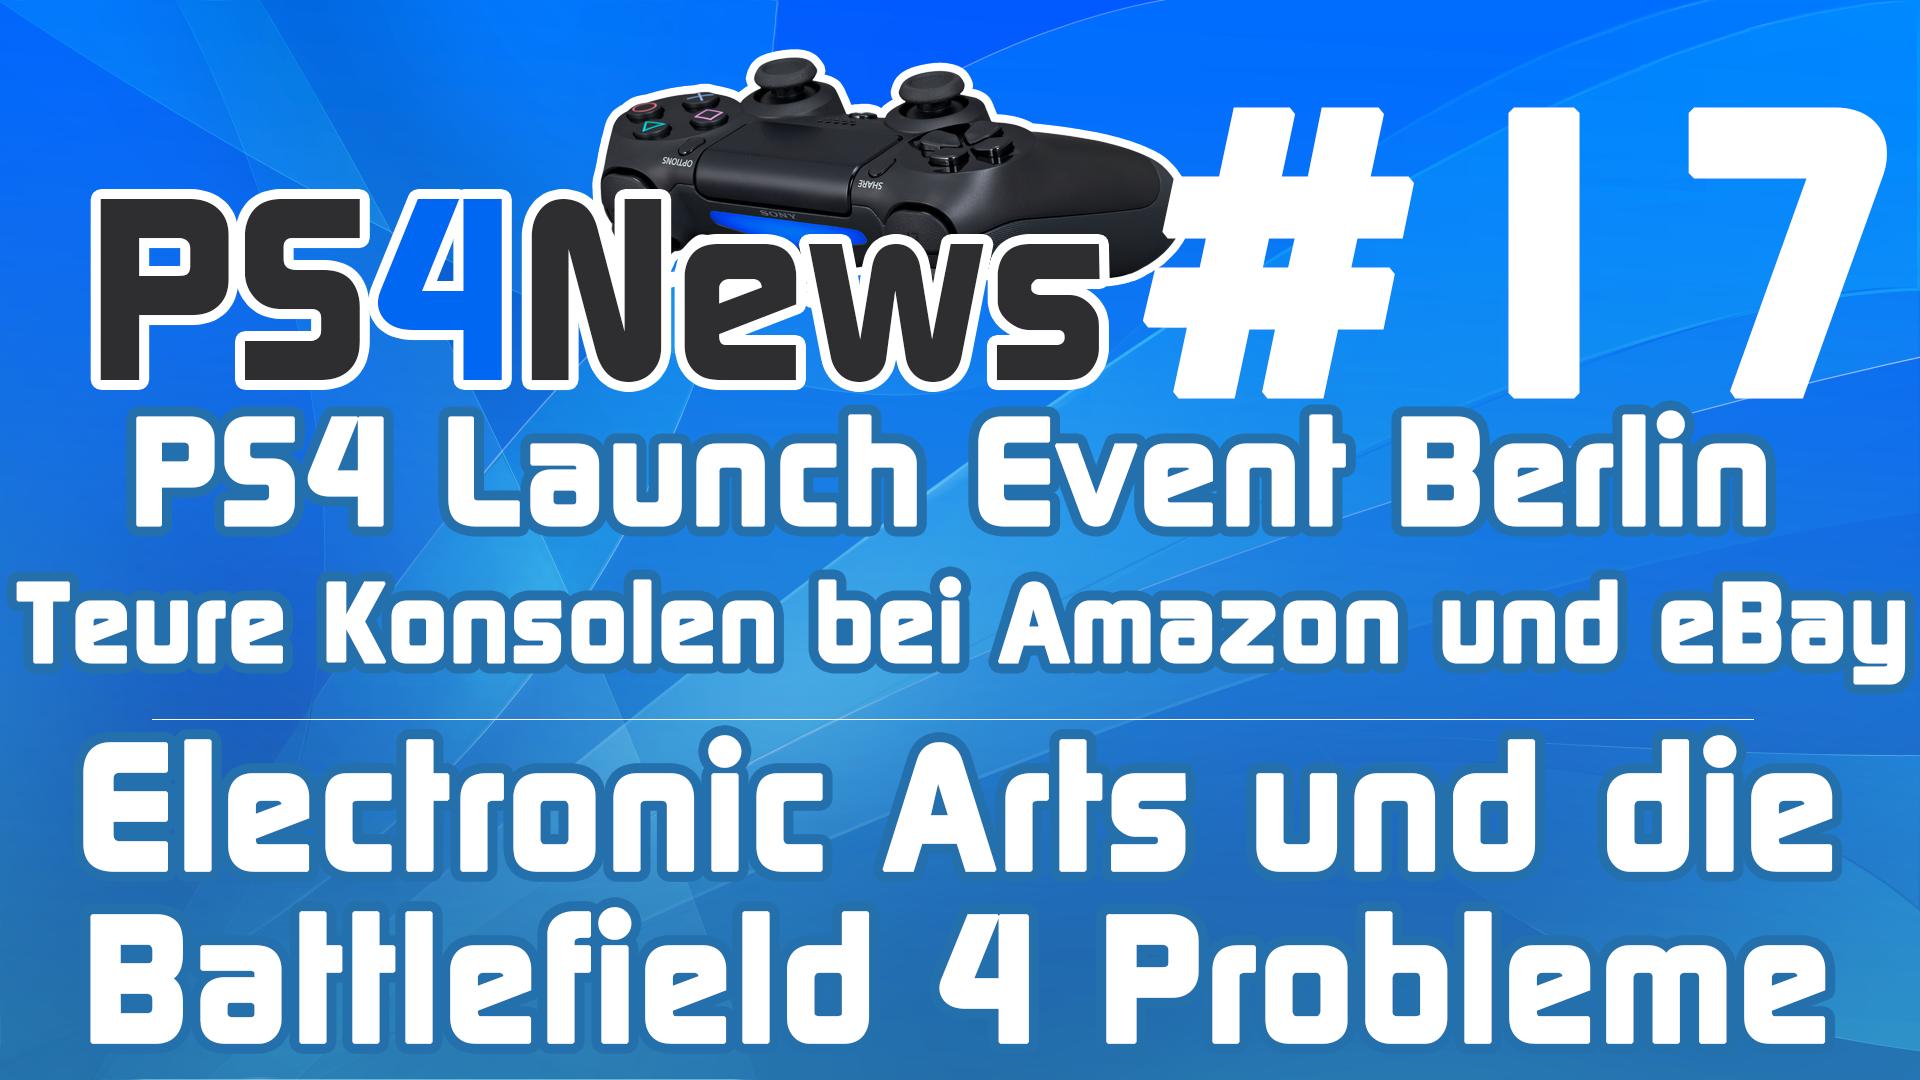 PS4 Launch Event Berlin – Teure Konsolen bei Amazon und eBay – EA und die Battlefield 4 Probleme – Die PS4 News des Tages